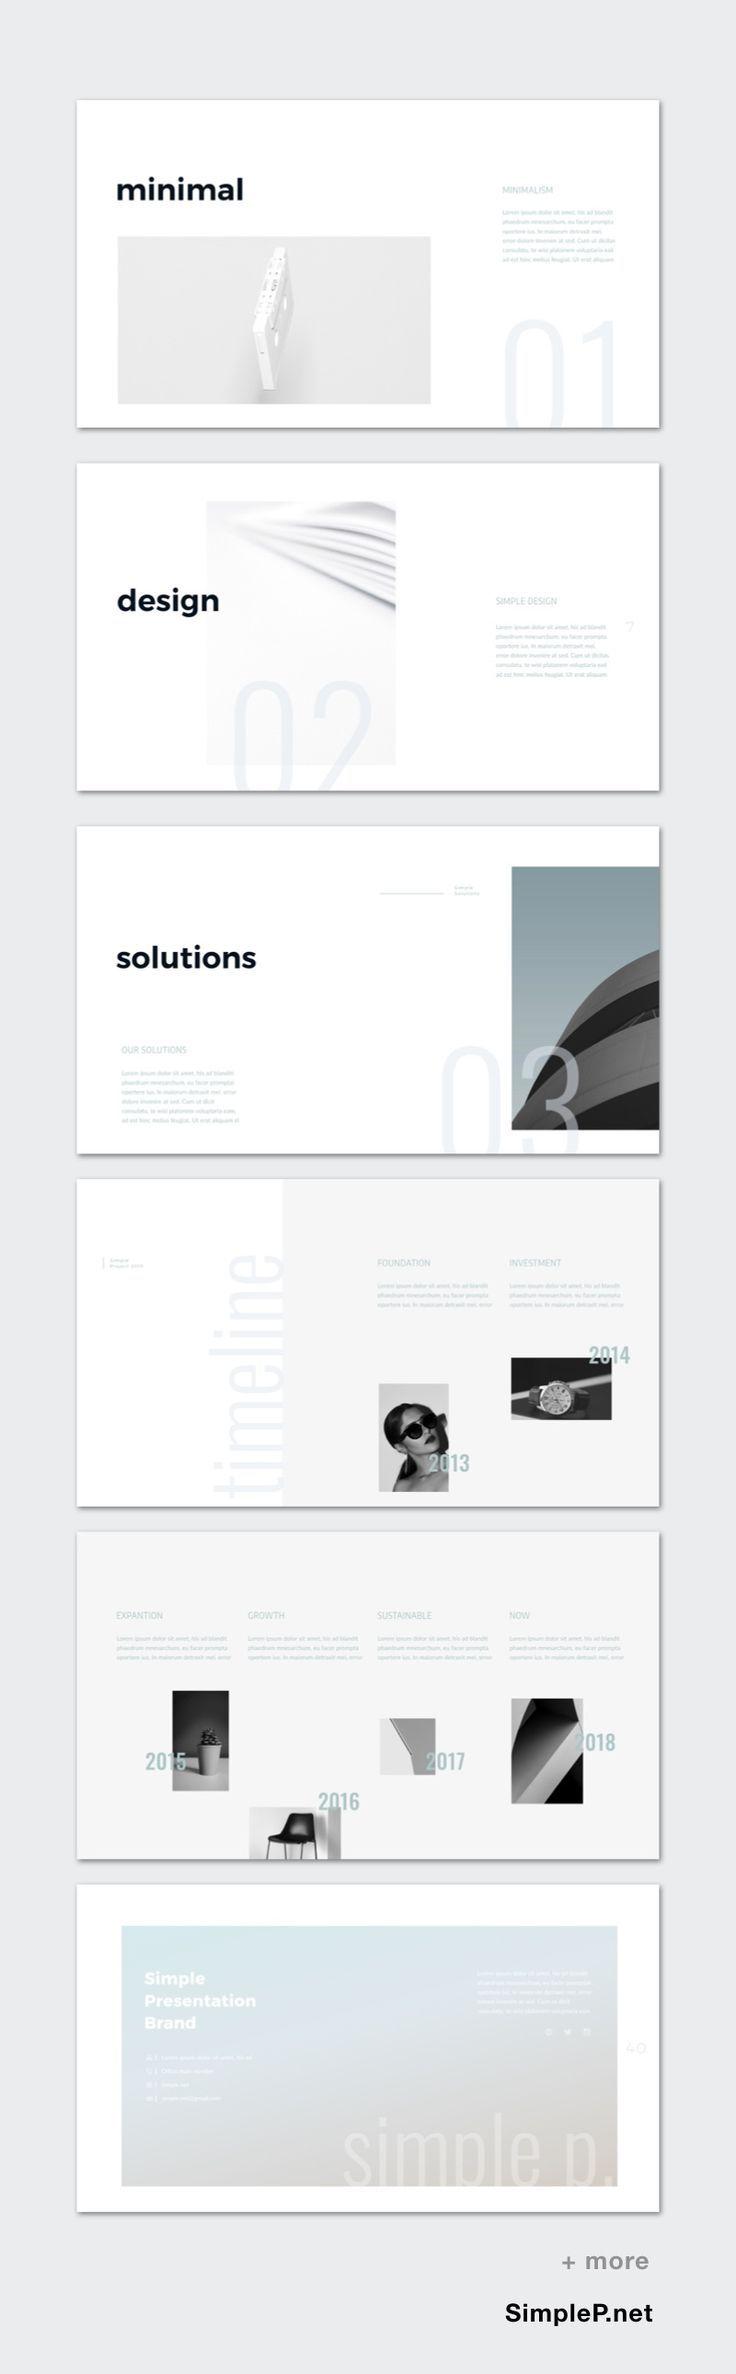 Super Clean Design Zero Presentation Powerpoint Template Ppt